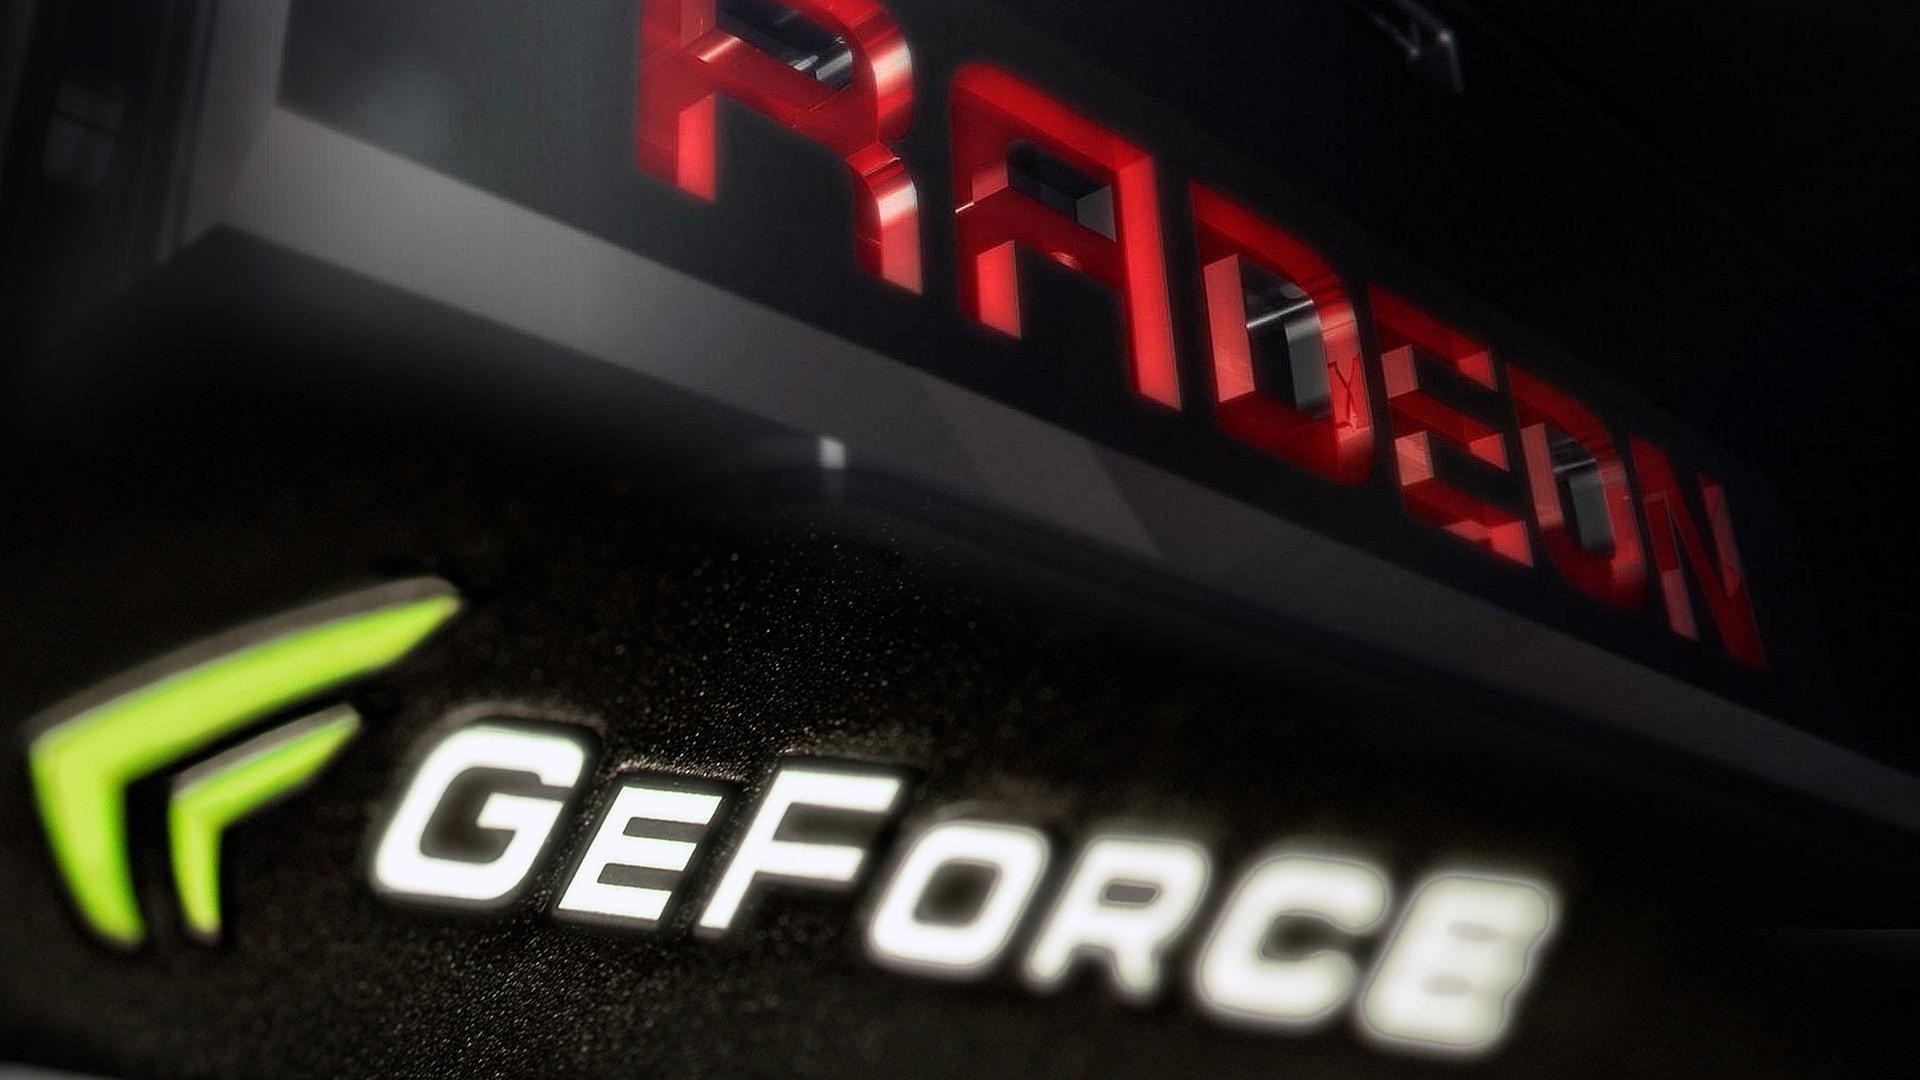 Флагманским видеокартам NVIDIA и AMD предсказали подорожание